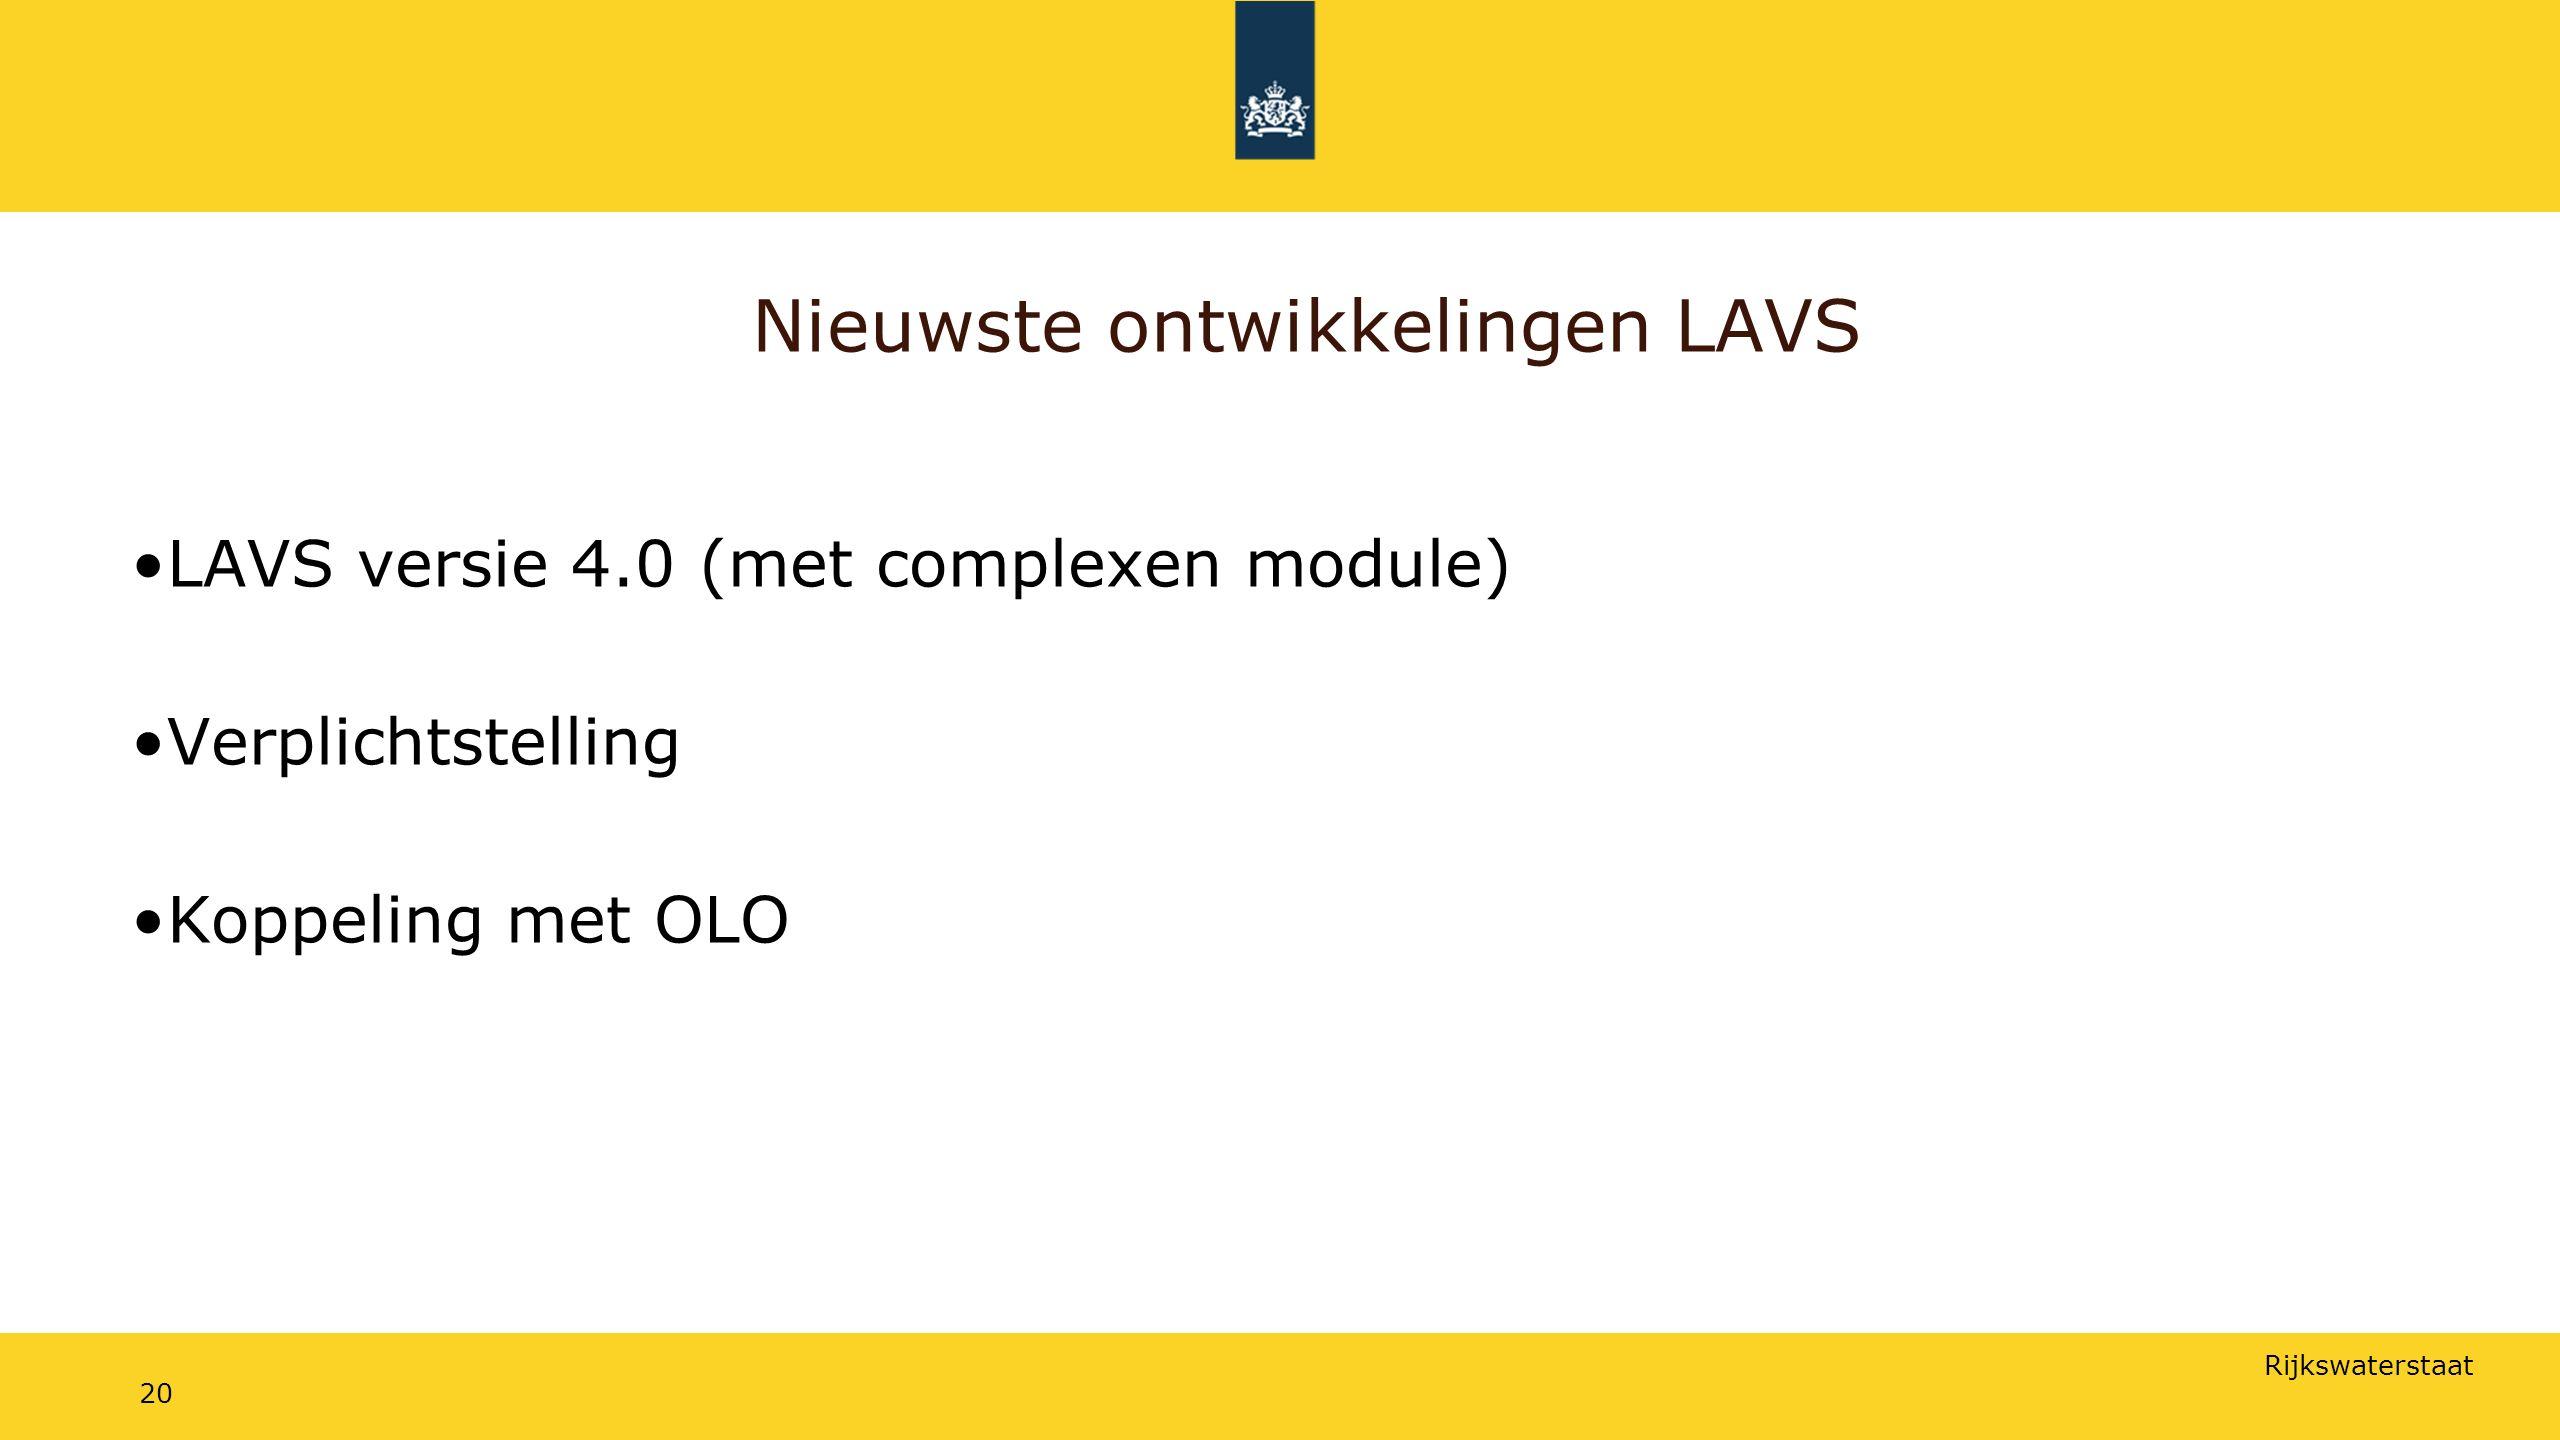 Rijkswaterstaat Nieuwste ontwikkelingen LAVS LAVS versie 4.0 (met complexen module) Verplichtstelling Koppeling met OLO 20